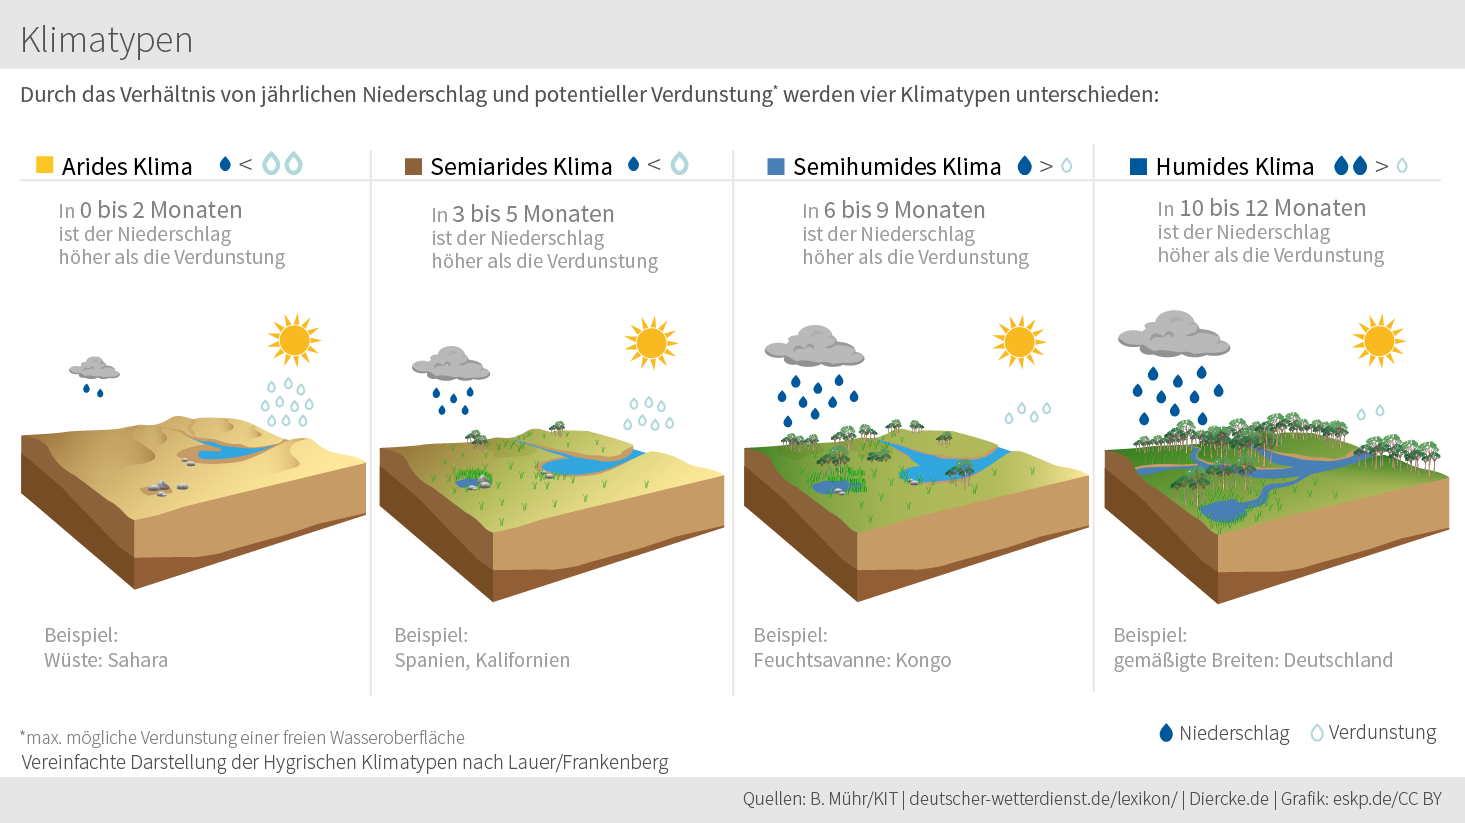 Humides Klima – Wikipedia